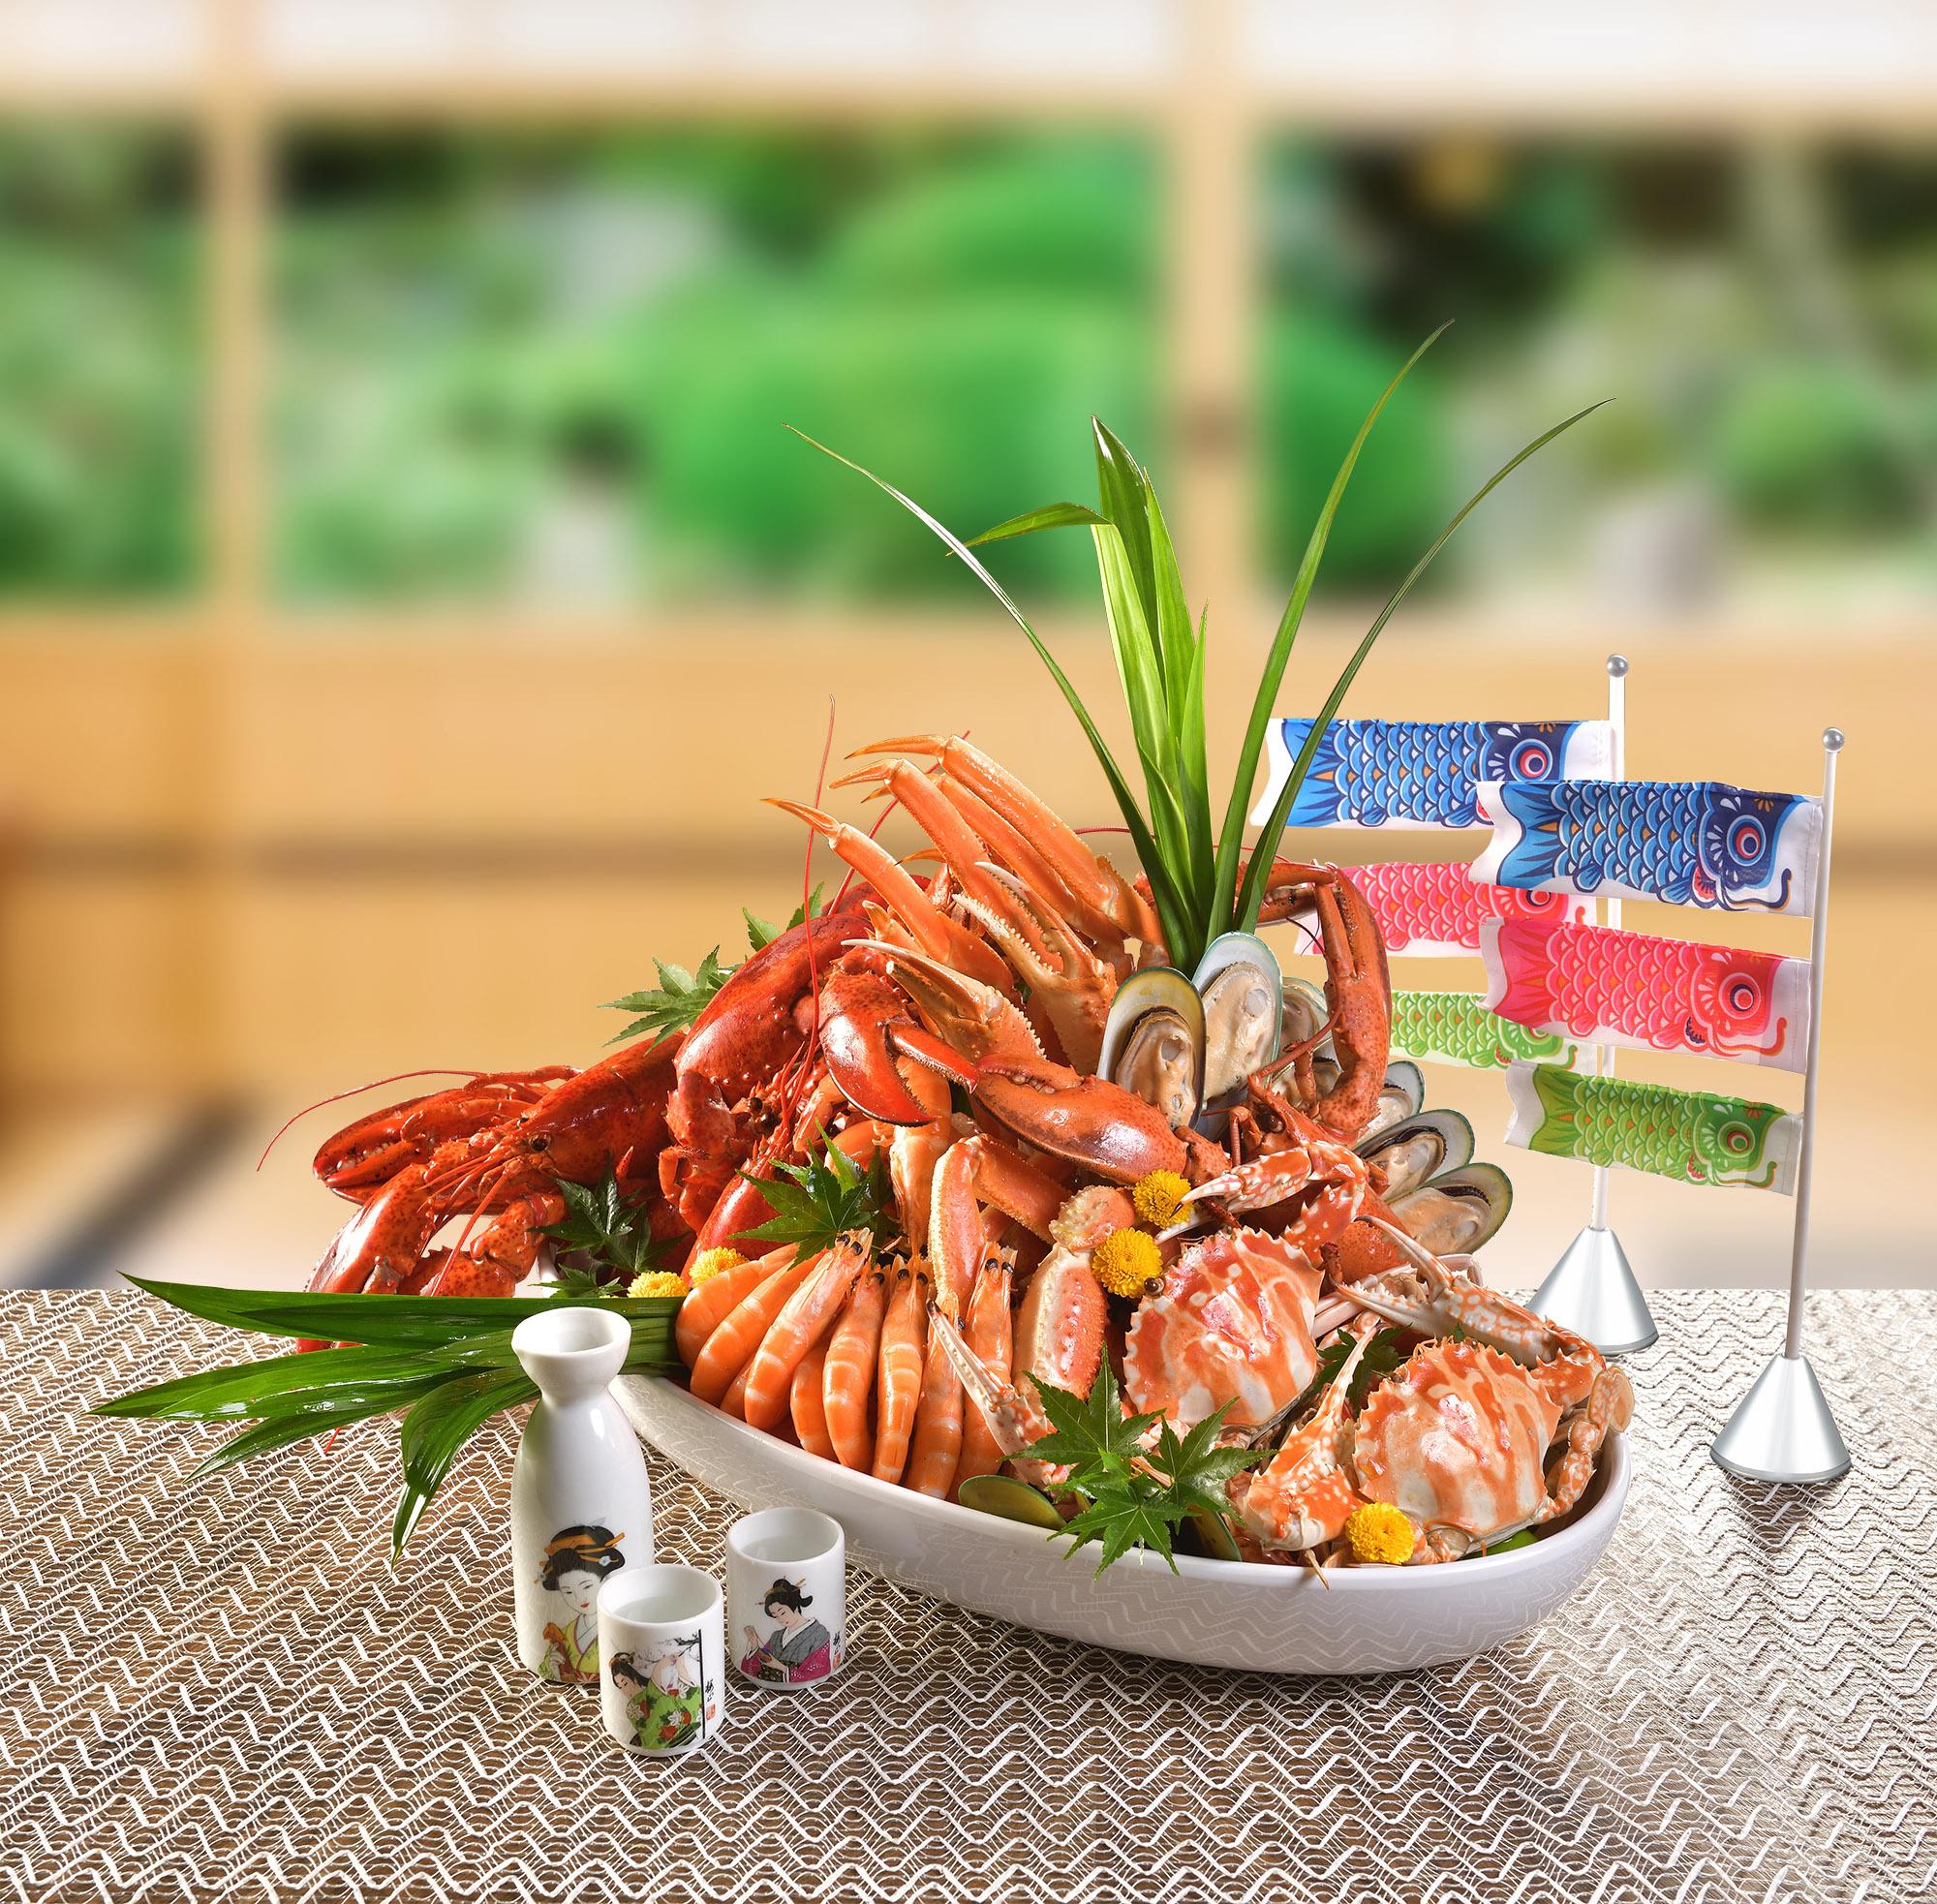 薈景「和風•海鮮薈」自助晚餐呈獻日式美食,可享高達8折優惠